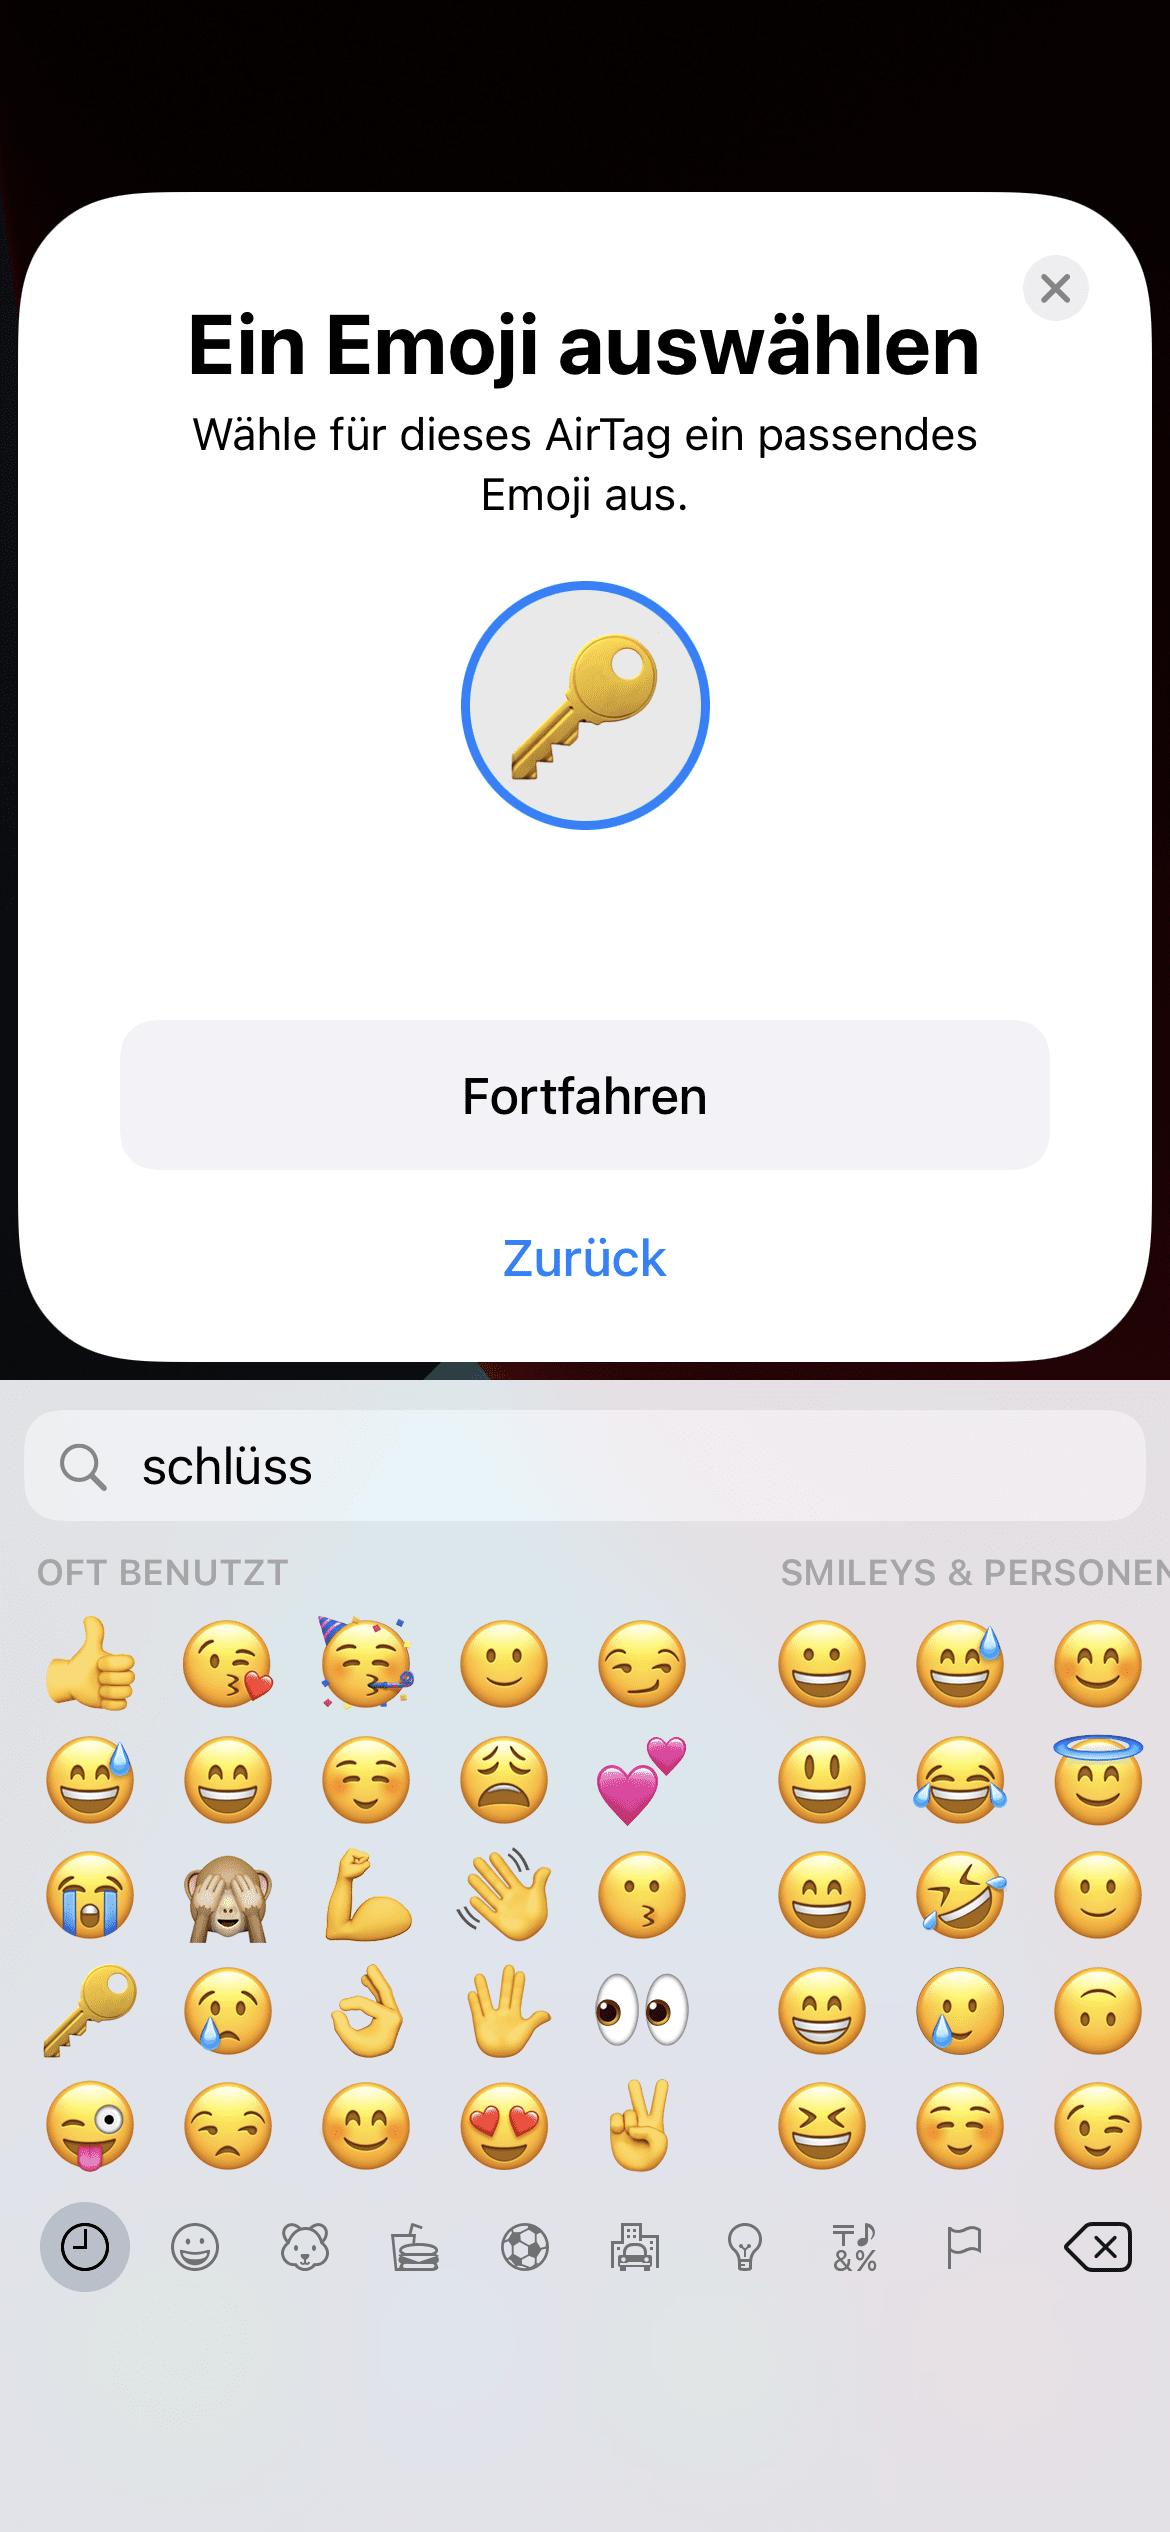 AirTag Emoji auswählen